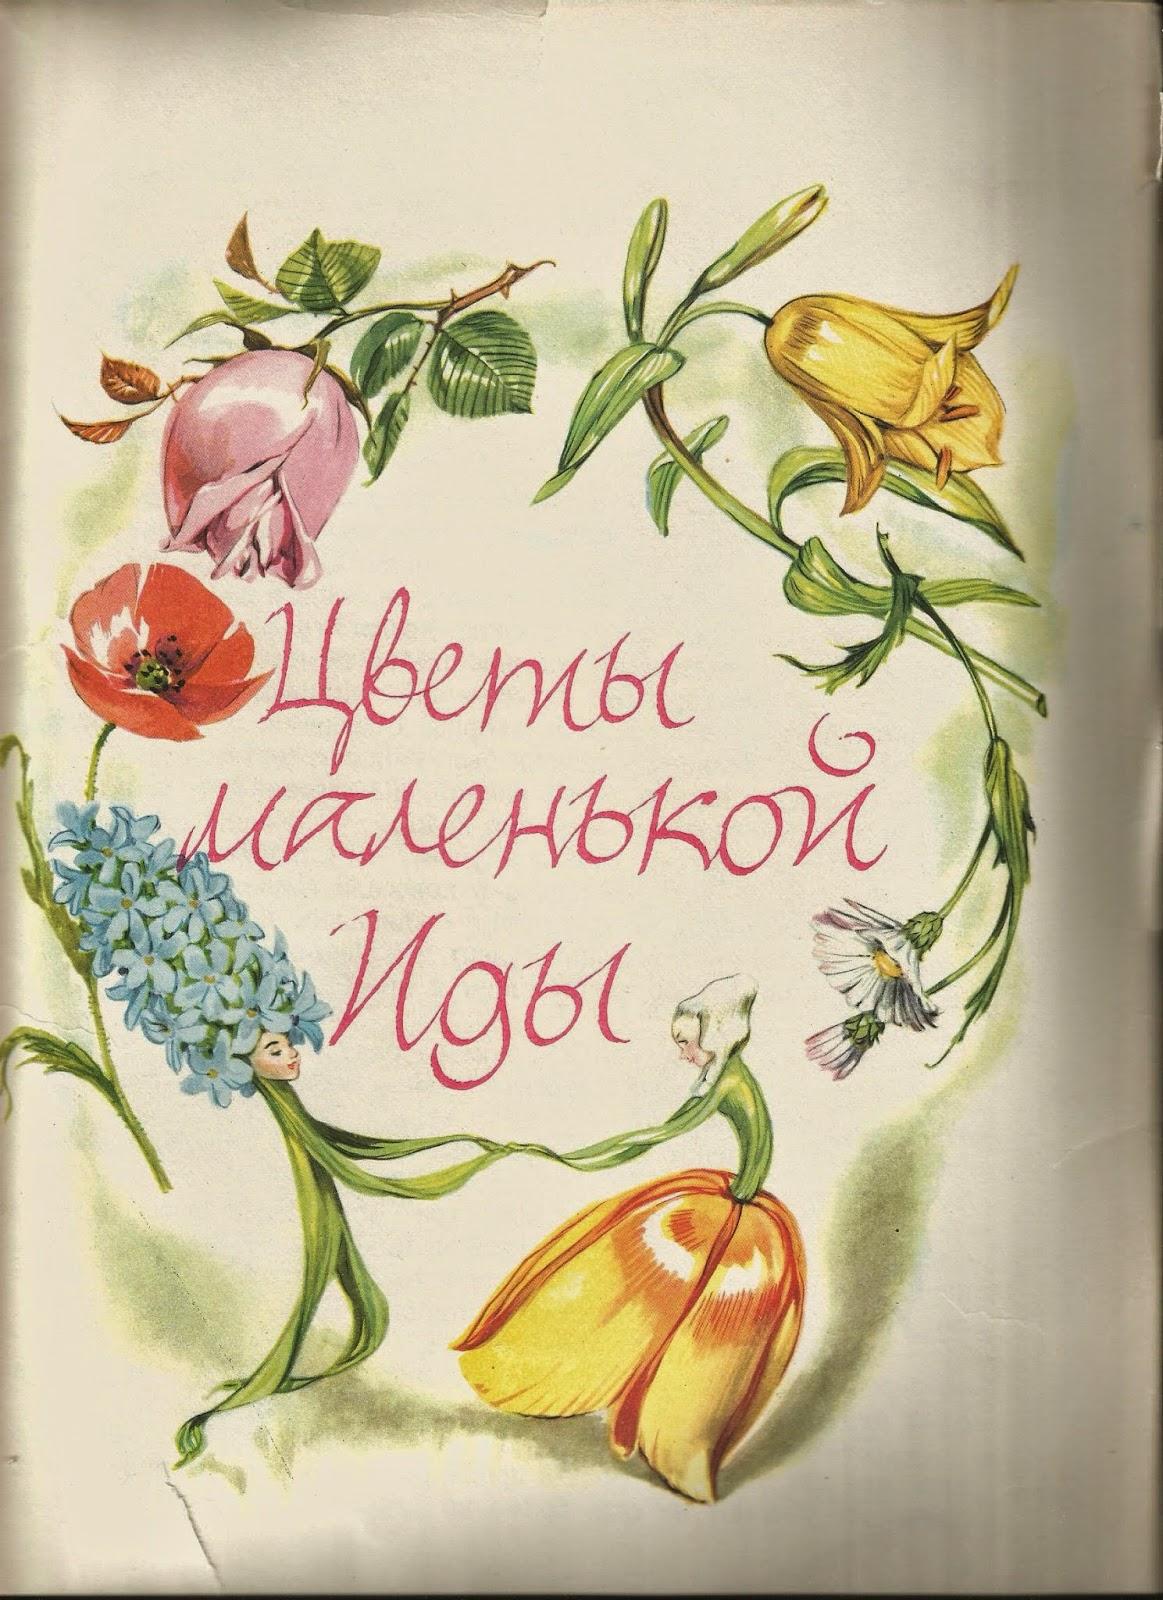 Цветы для маленькой иды андерсена